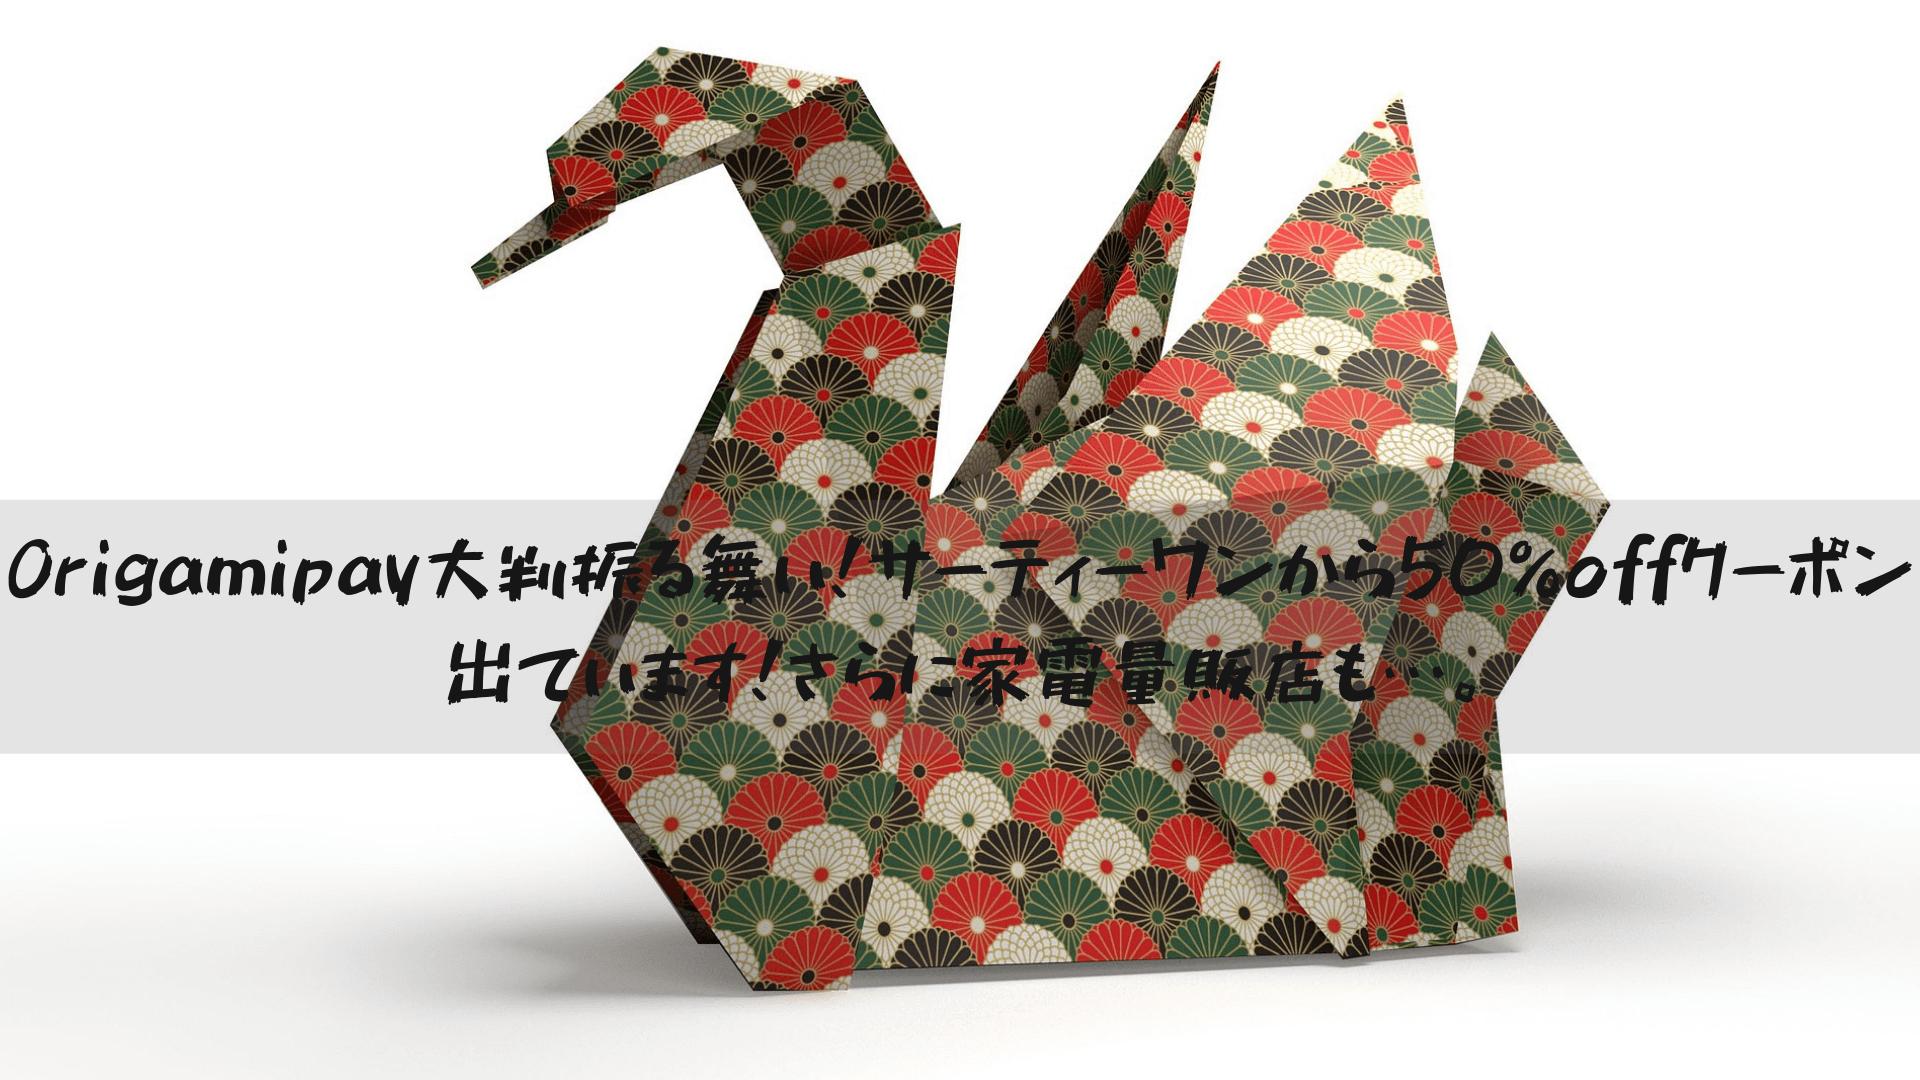 Origamipay大判振る舞い!サーティーワンが50%offクーポン出ています!さらに家電量販店も…。